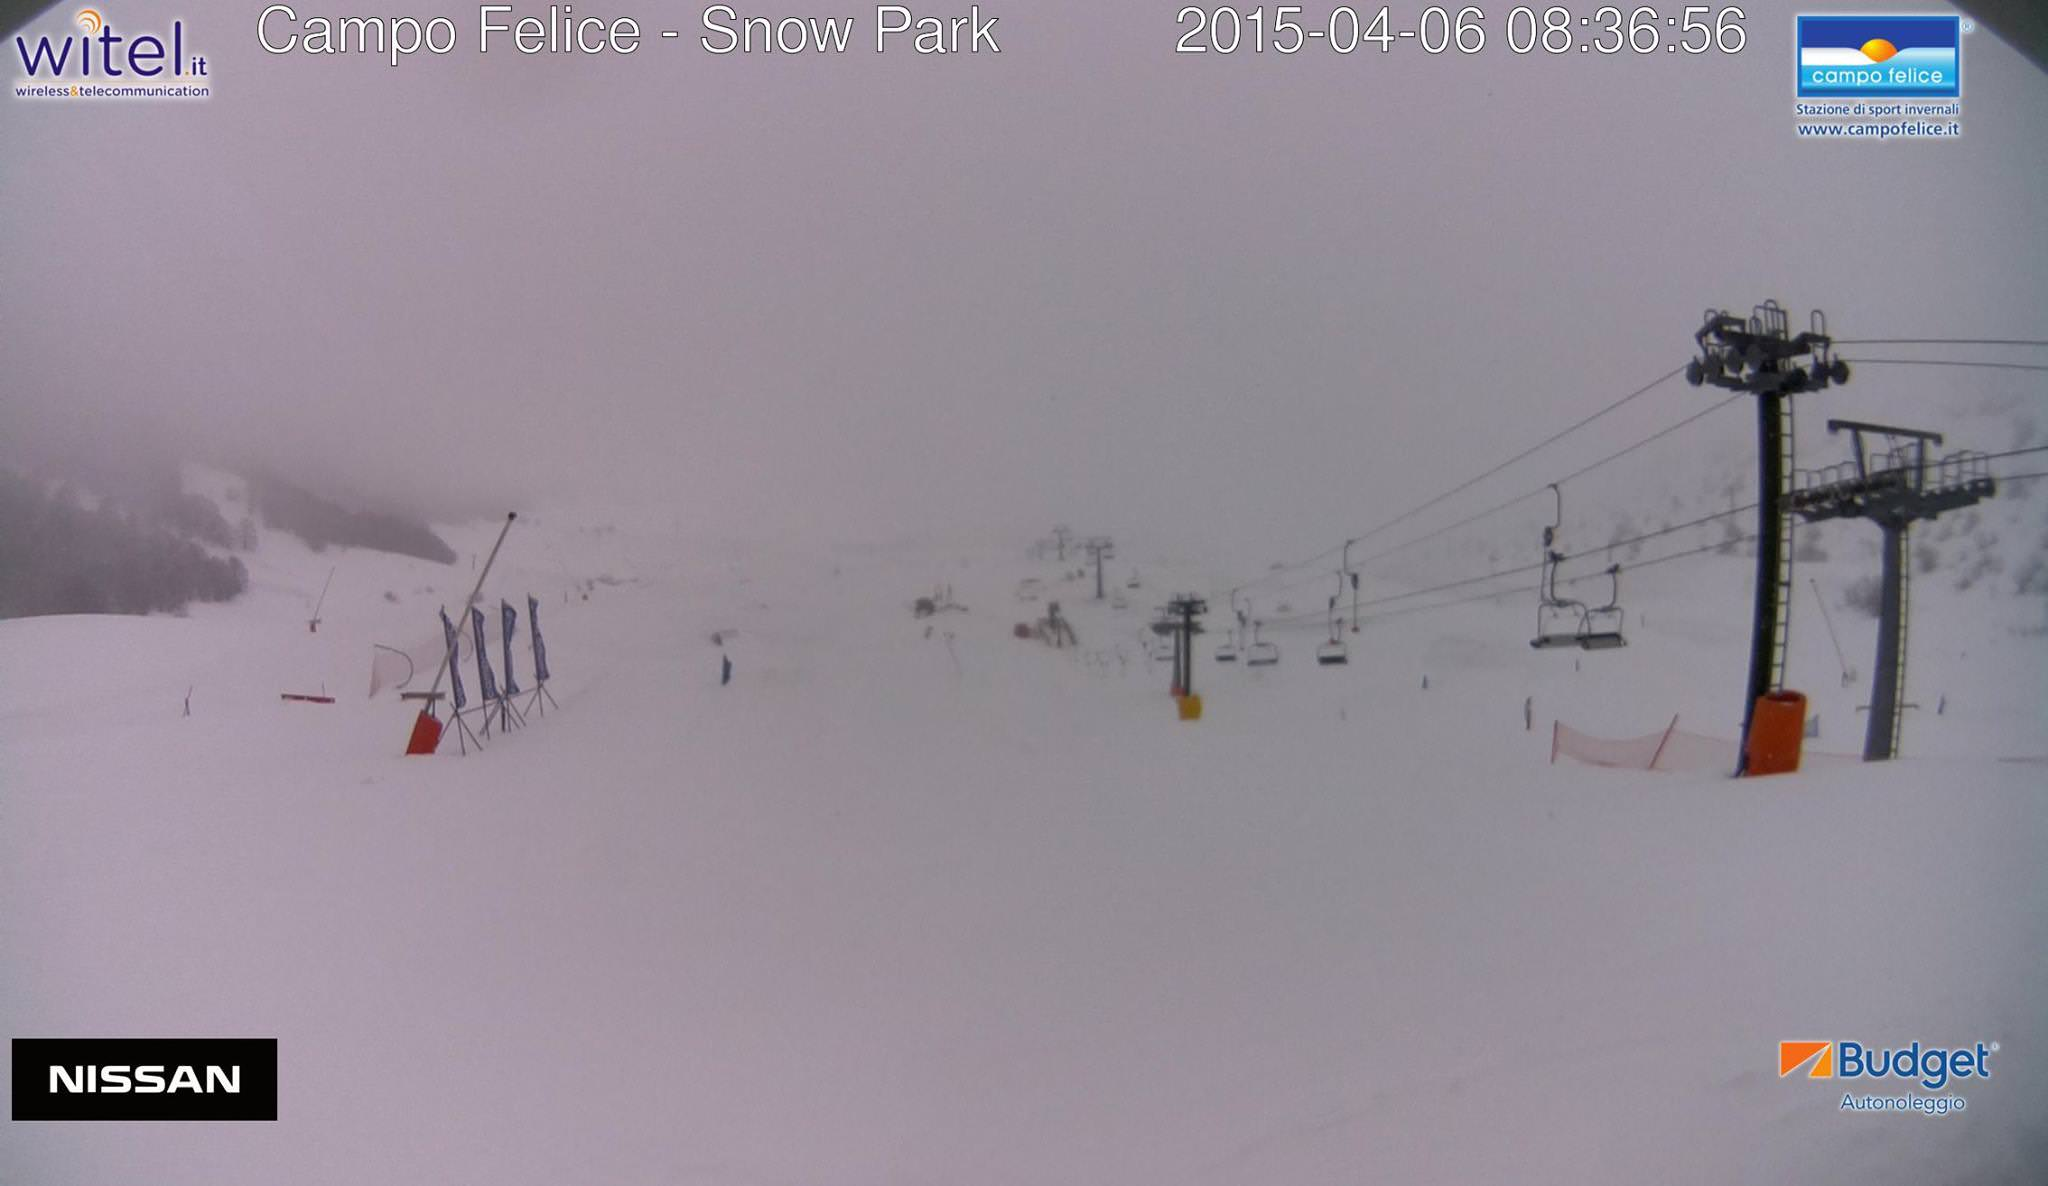 Torna la neve in Appennino, specie nella giornata di Martedì 07 Aprile